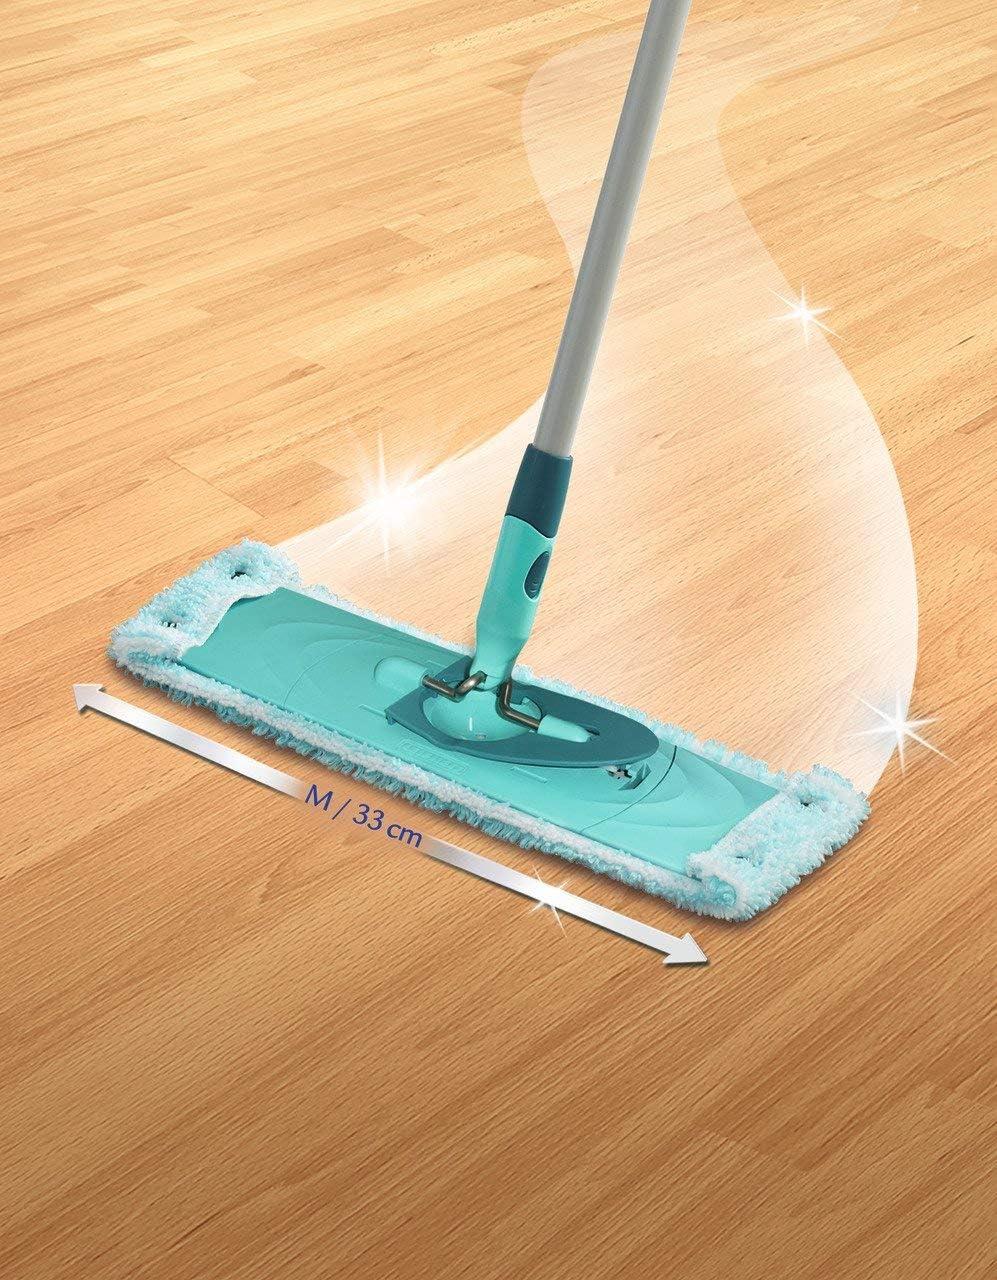 panno di ricambio assorbente super morbido in microfibra 2 X Leifheit Clean Twist M panno di ricambio ideale per pavimenti lisci 33cm 1 pezzi di marca Siluk panno in microfibra